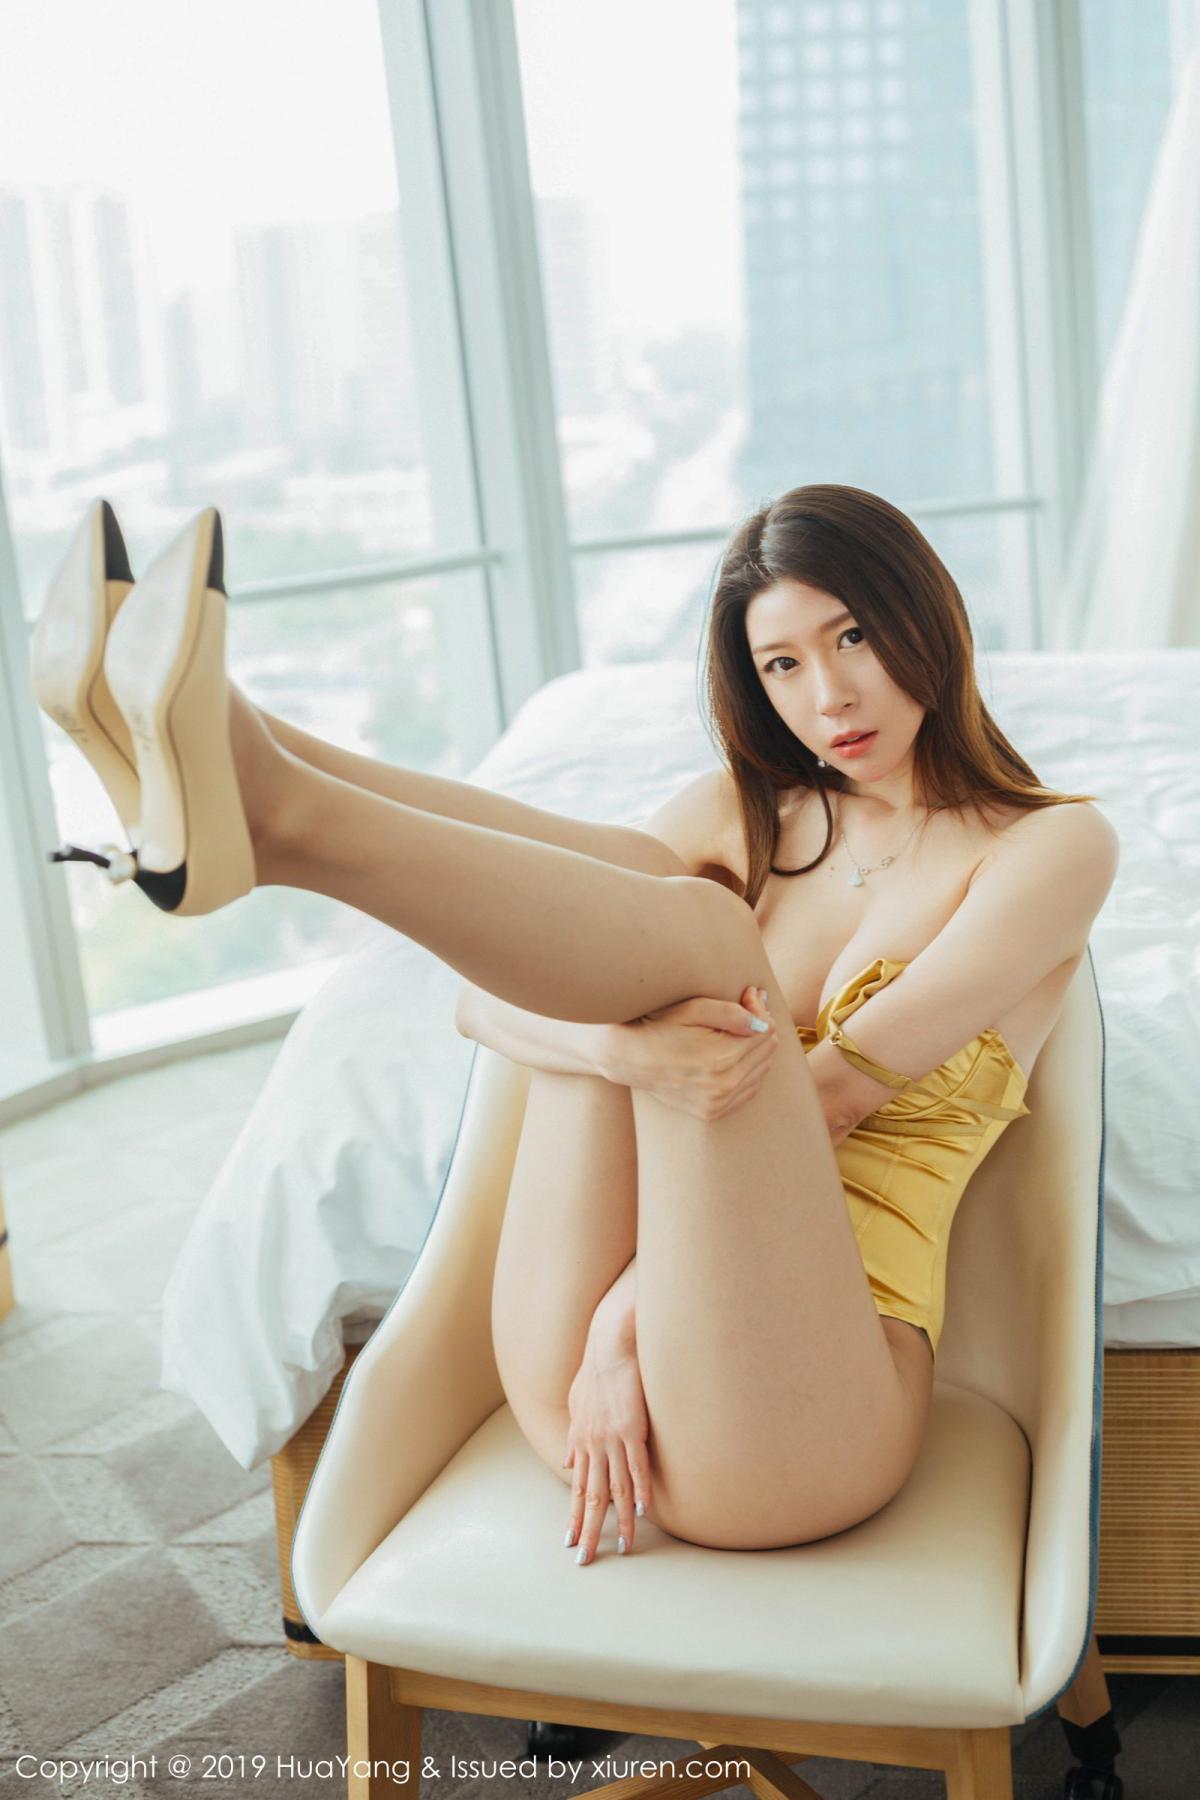 [Huayang] Vol.155 Meng Xin Yue 22P, HuaYang, Meng Xin Yue, Tall